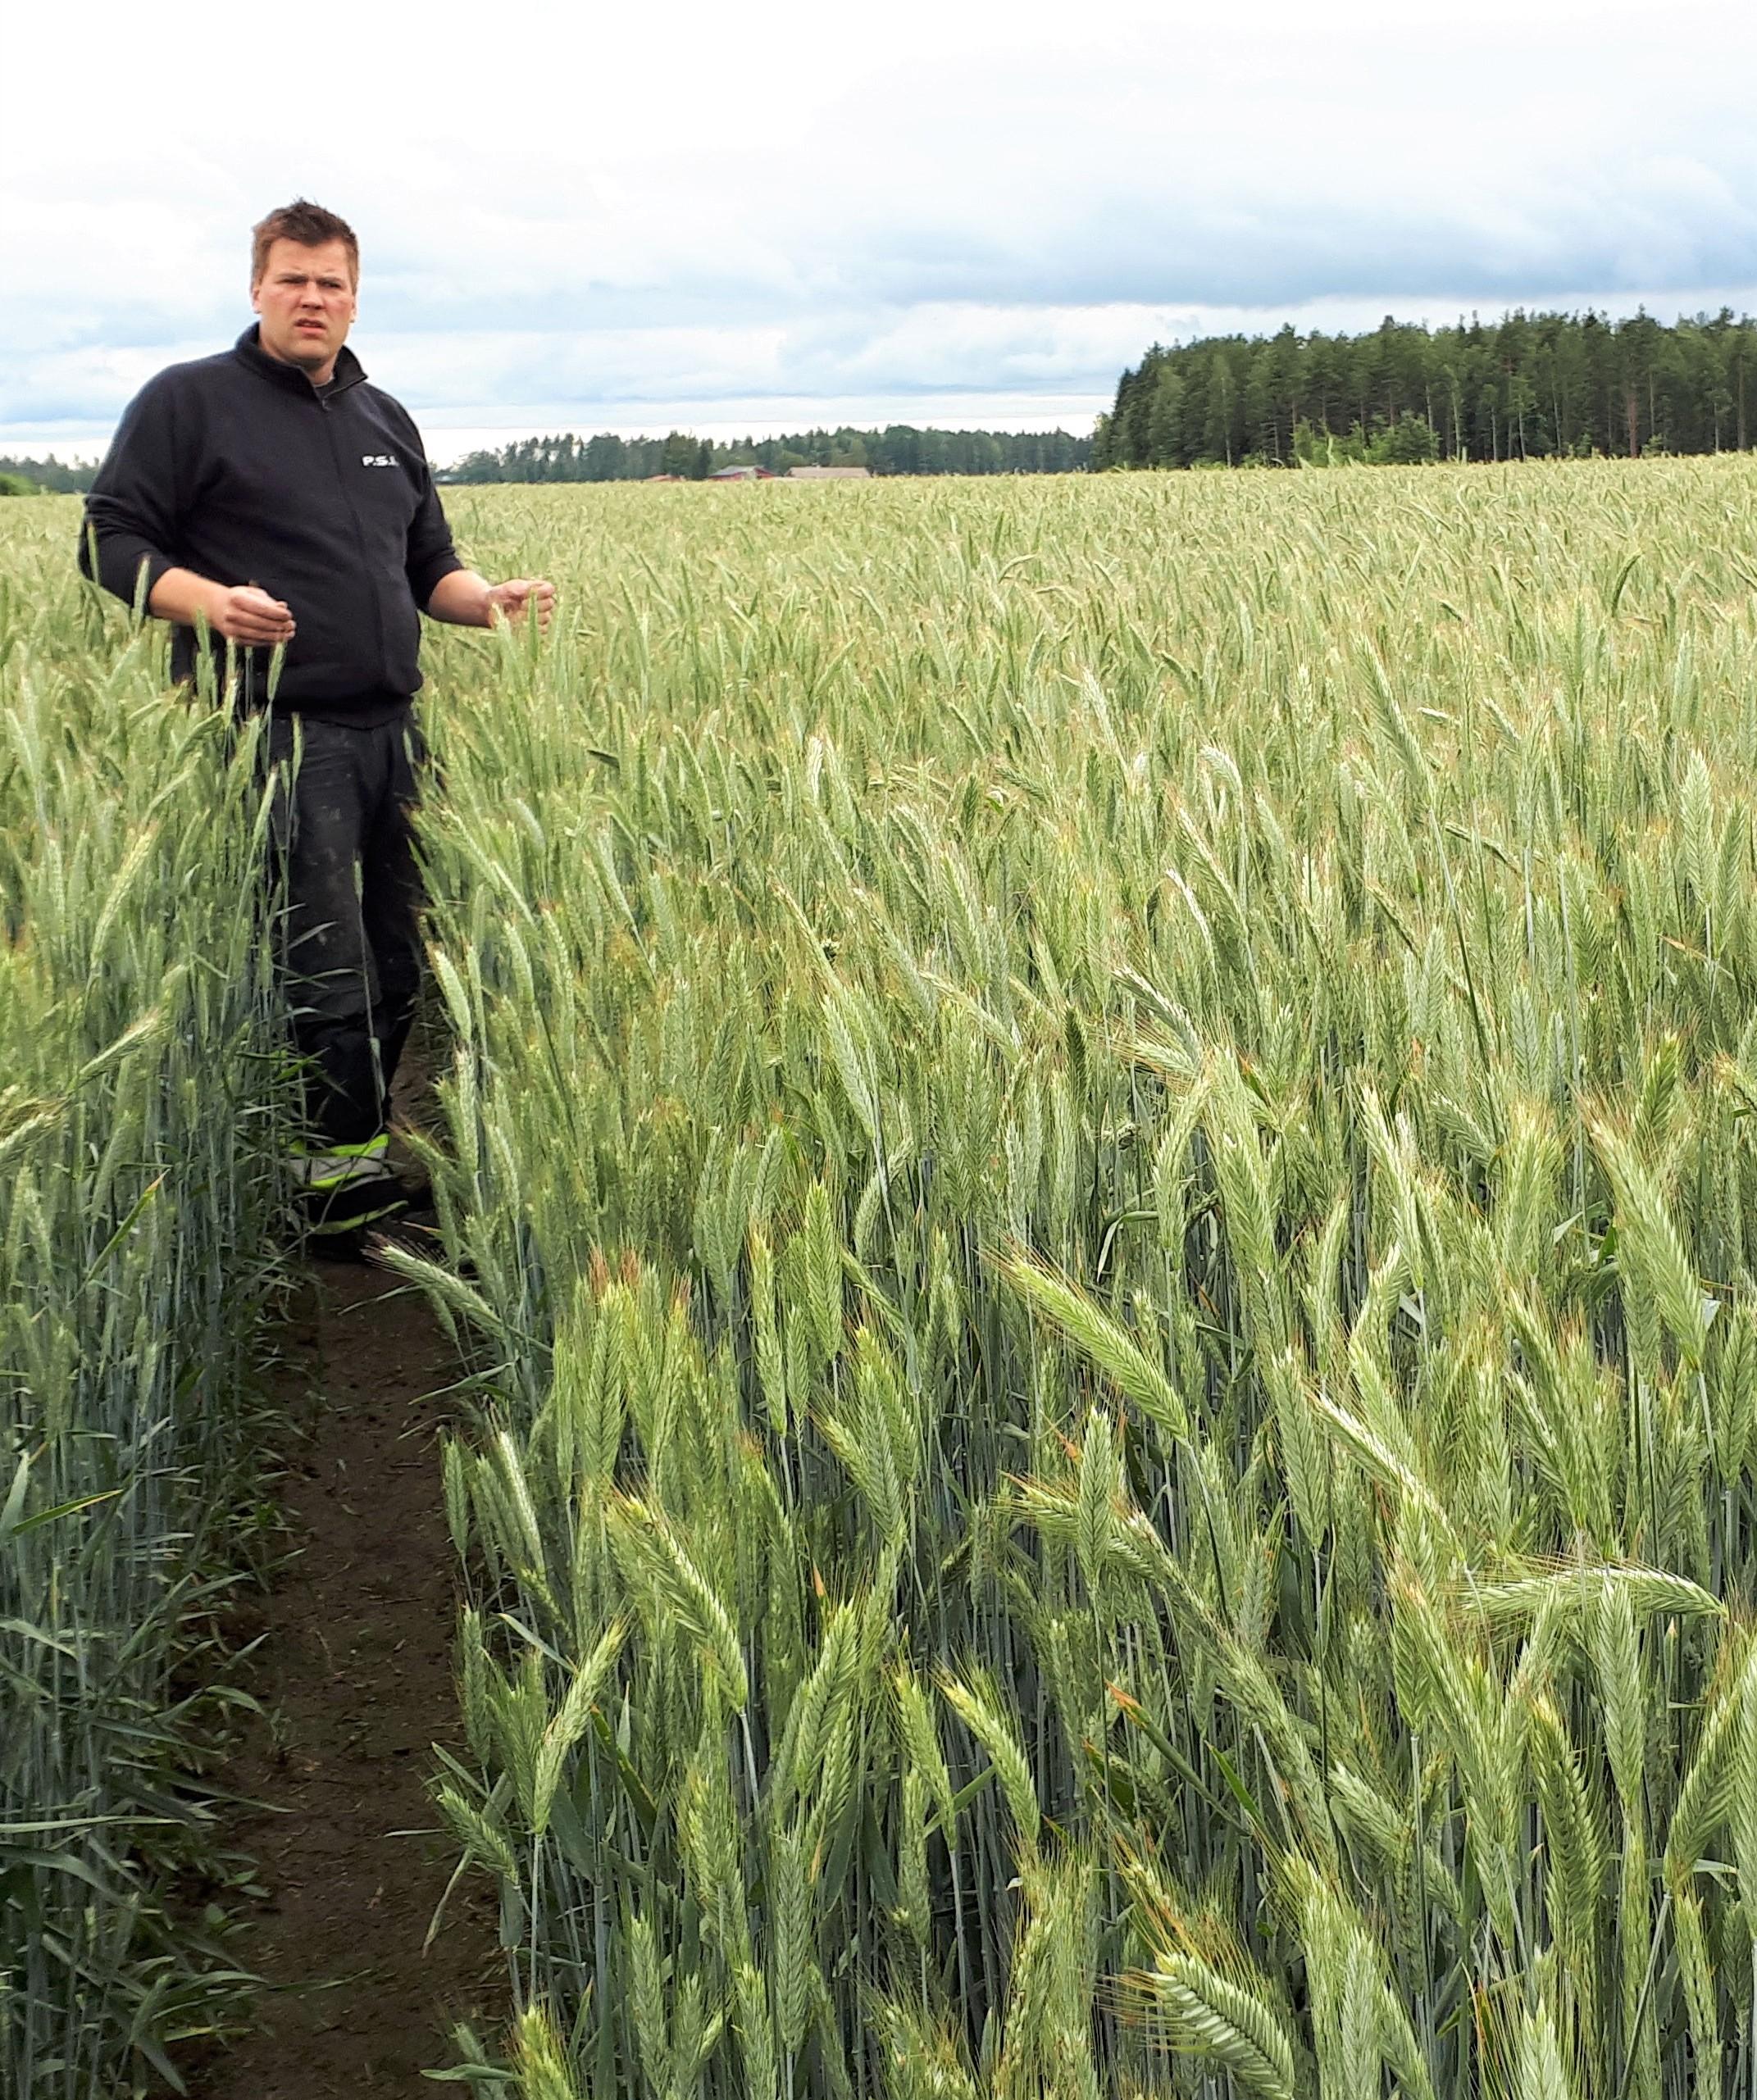 Kimmo Polon täydellinen ruiskasvusto heinäkuun alussa.  Ennätyssadon 10.633 kg/ha lisäksi myös laadut olivat hyviä: HL- paino  80,5 kg, Sakoluku  162, Rikat ja rikkajyvät 0,1 %, Kosteus 12,4.